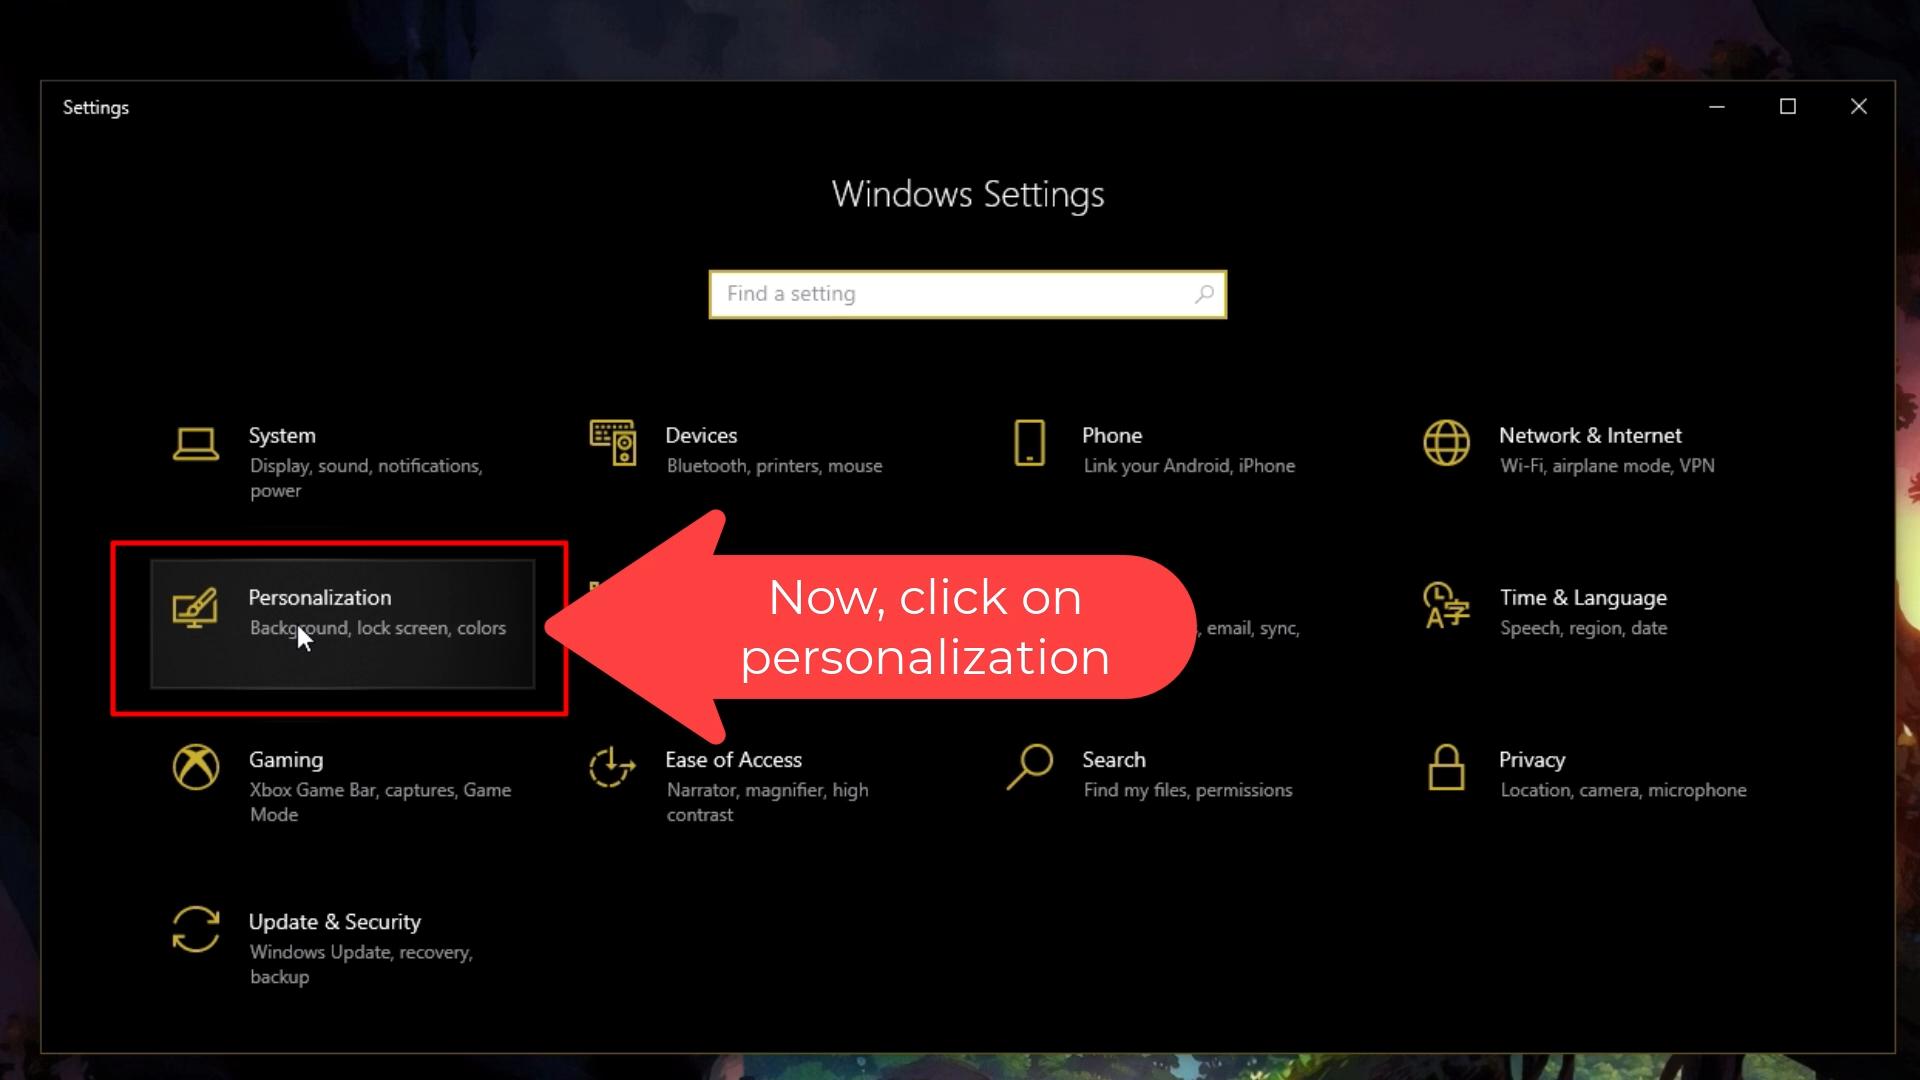 click personalization